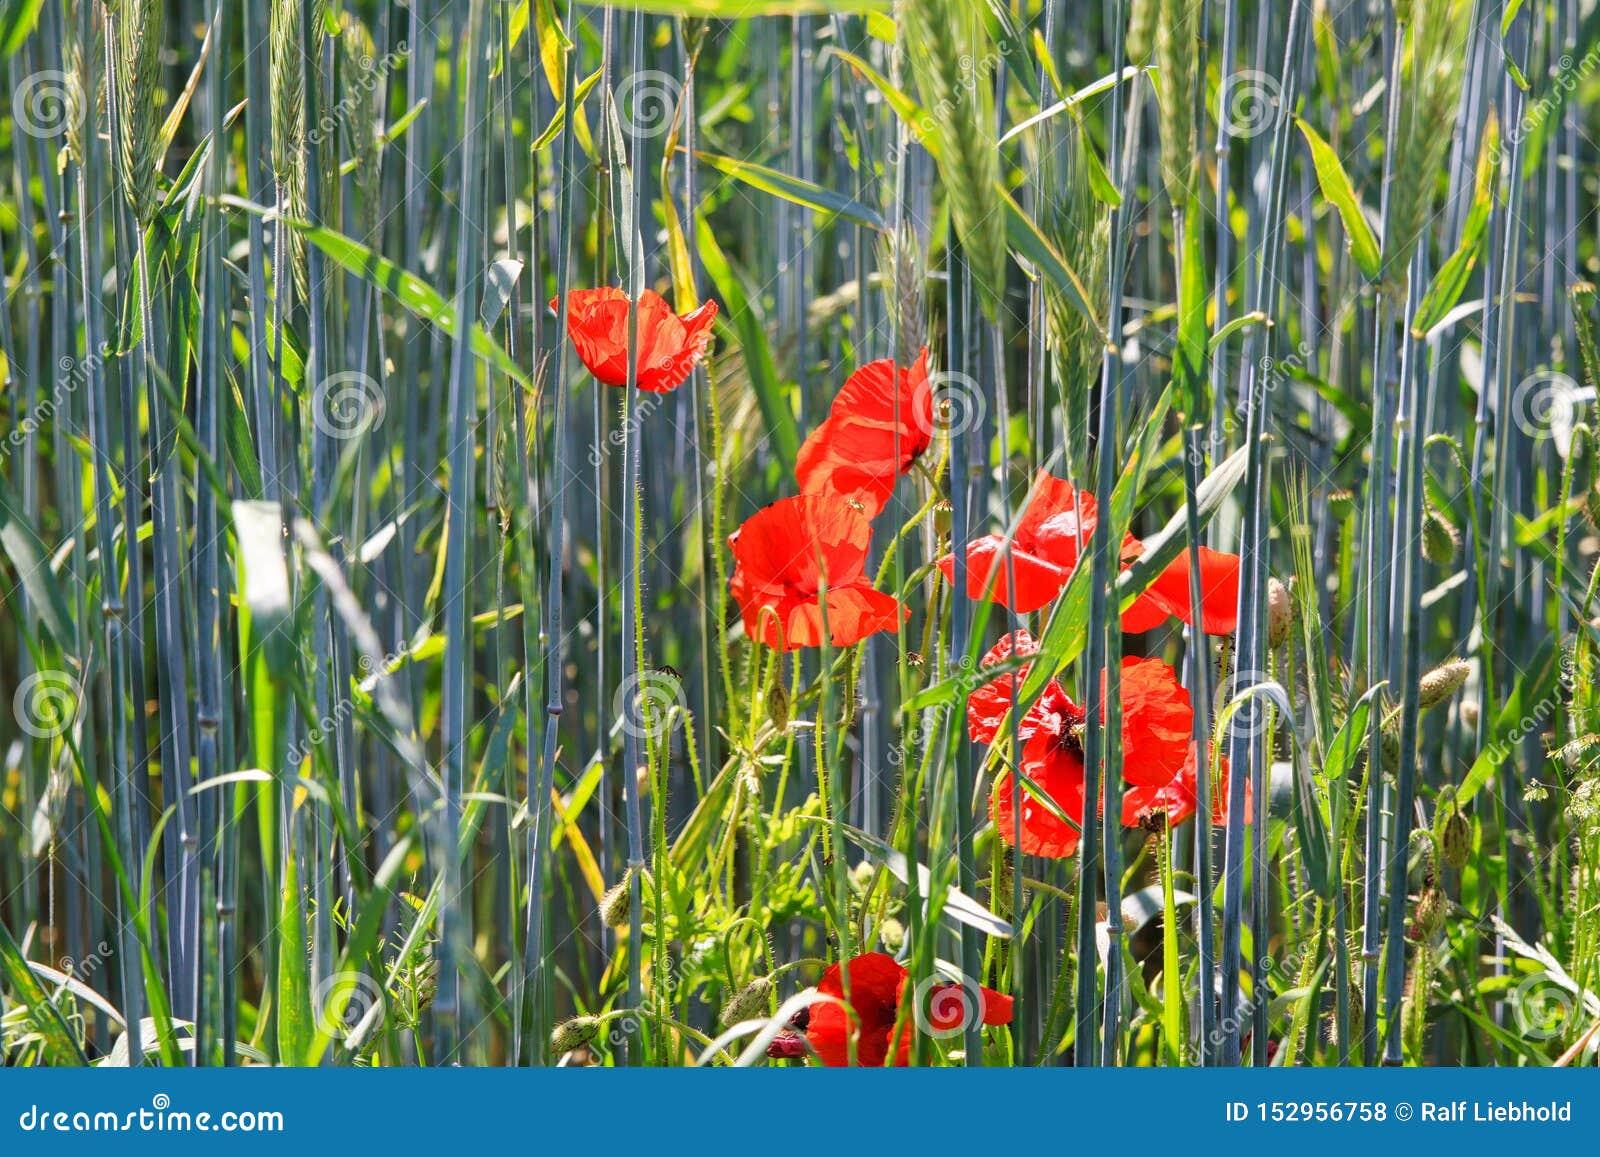 Η άνθιση κόκκινων των παπαρουνών ανθίζει Papaver τα rhoeas στον τομέα σίτου στο φωτεινό θερινό φως του ήλιου - Γερμανία